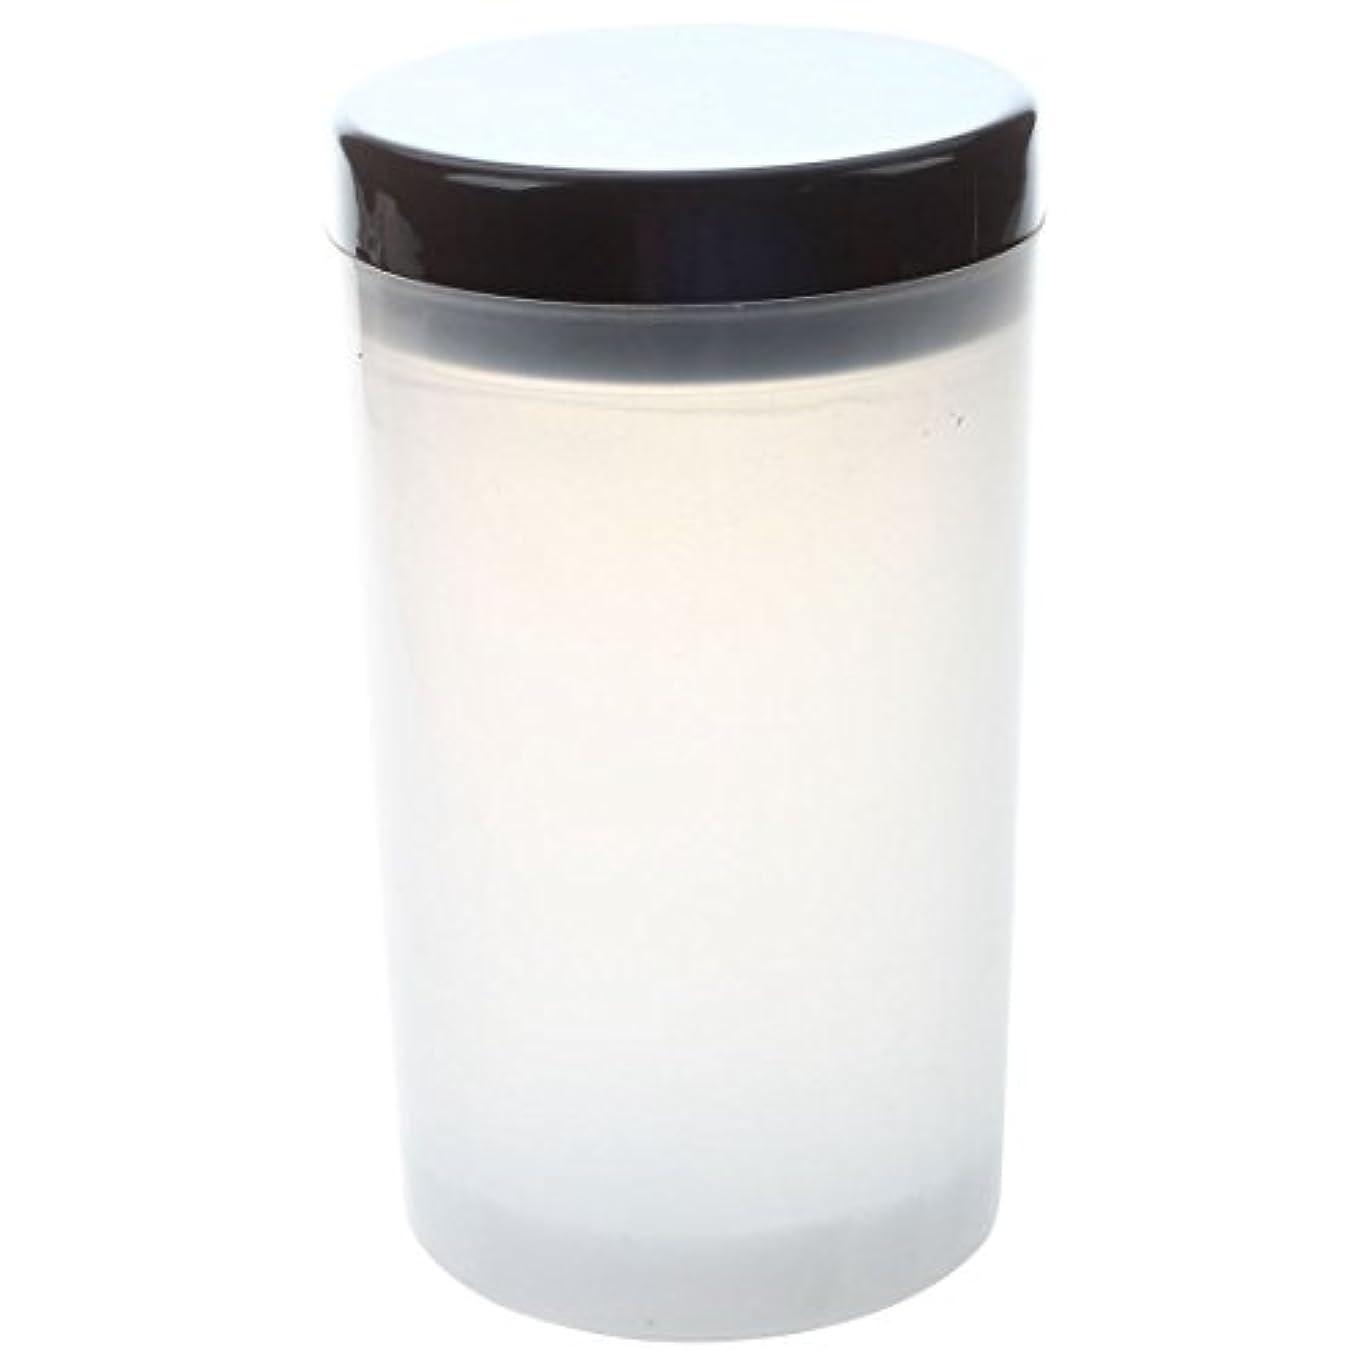 名声コックハグACAMPTAR ネイルアートチップブラシホルダー リムーバーカップカップ浸漬ブラシ クリーナーボトル